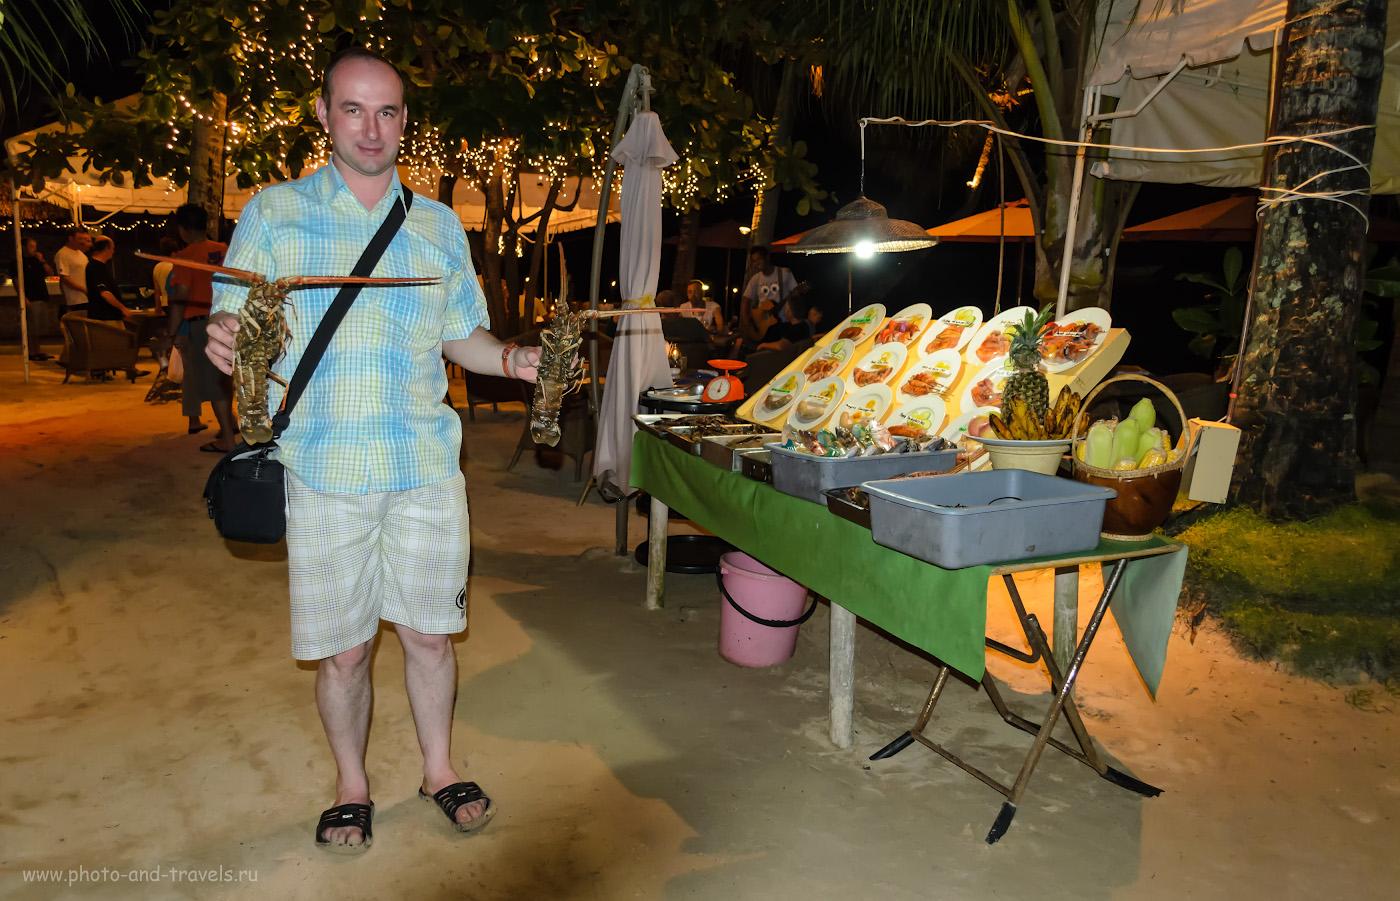 """Фото 17. Метод «удлинения выдержки» (""""drag the shutter"""") для обеспечения нормальной экспозиции заднего плана. Снято на Nikon D5100 KIT 18-55 VR со встроенной вспышкой на острове Панглао (Panglao Island) на Филиппинах в 2011 году. Настройки: 1/60, f/3.5, 1600, 18мм. Обратите внимание, что в камерах «Никон» при съемке в режимах, отличных от «М», автоматически устанавливается выдержка 1/60 секунды. В параграфе №8 мы будем обсуждать, как с помощью оранжевого фильтра на снимке выше можно было уравнять баланс белого в изображении модели и фона."""